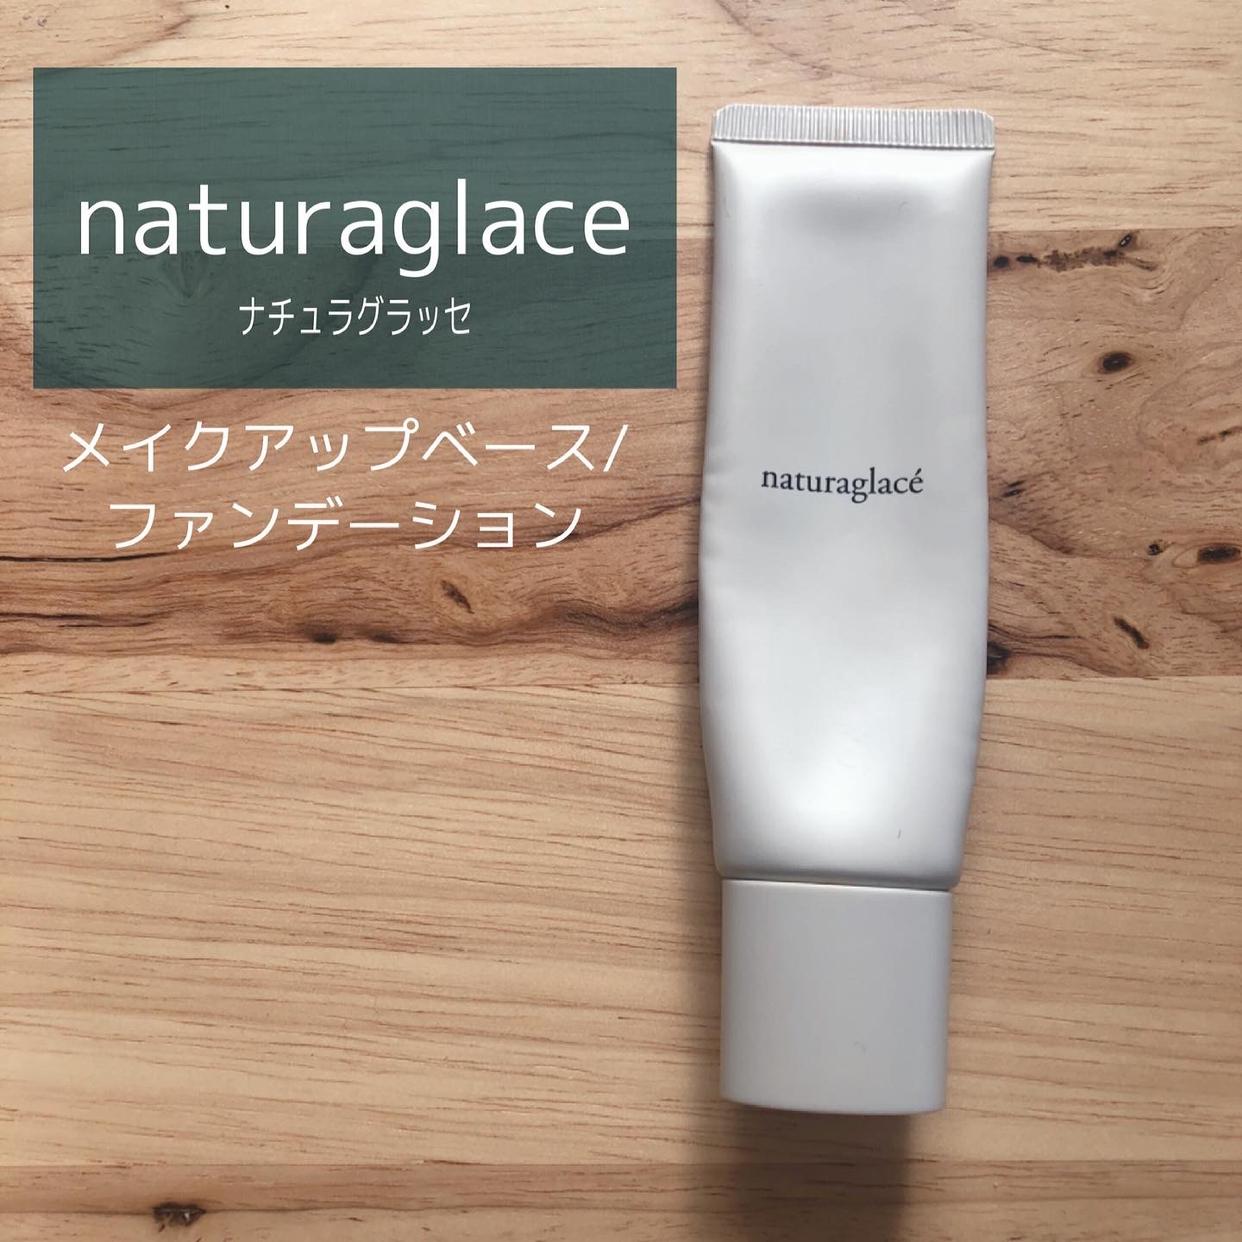 naturaglacé(ナチュラグラッセ)メイクアップ クリームNを使ったはるさんのクチコミ画像2